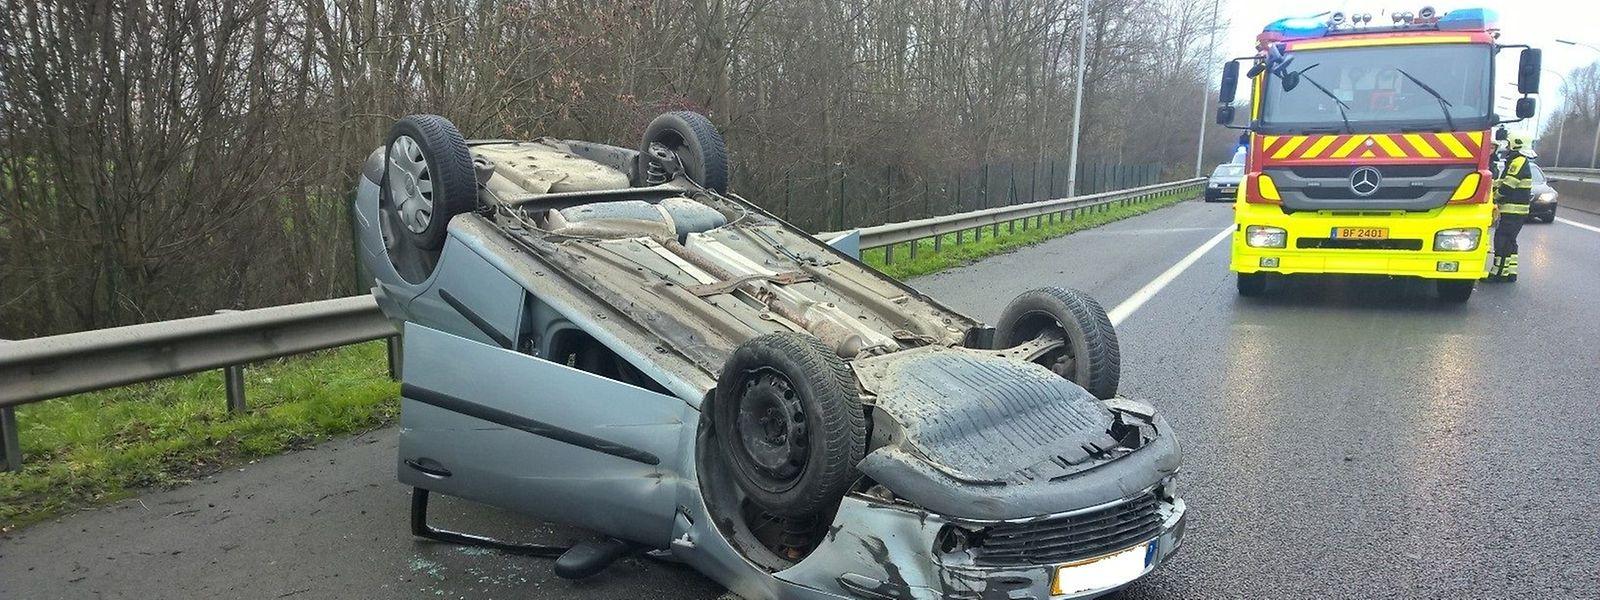 Impressionnant, l'accident a dû provoquer une belle peur pour les deux conductrices.